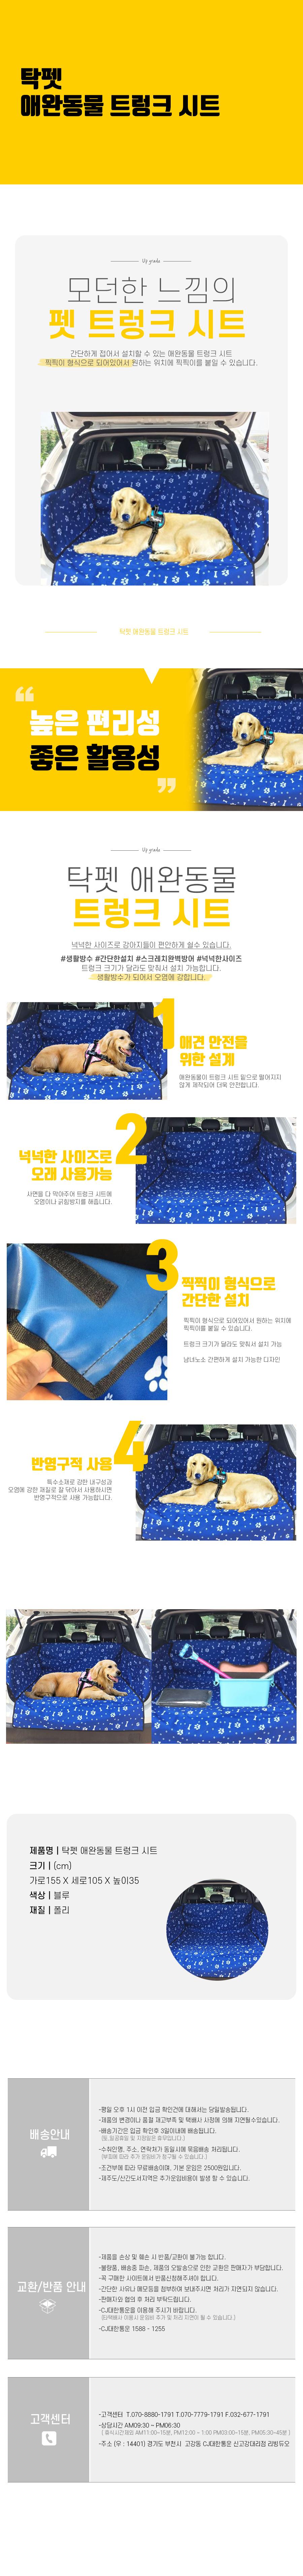 탁펫 애완동물 트렁크 시트 - 리빙듀오, 24,900원, 이동장/리드줄/야외용품, 이동가방